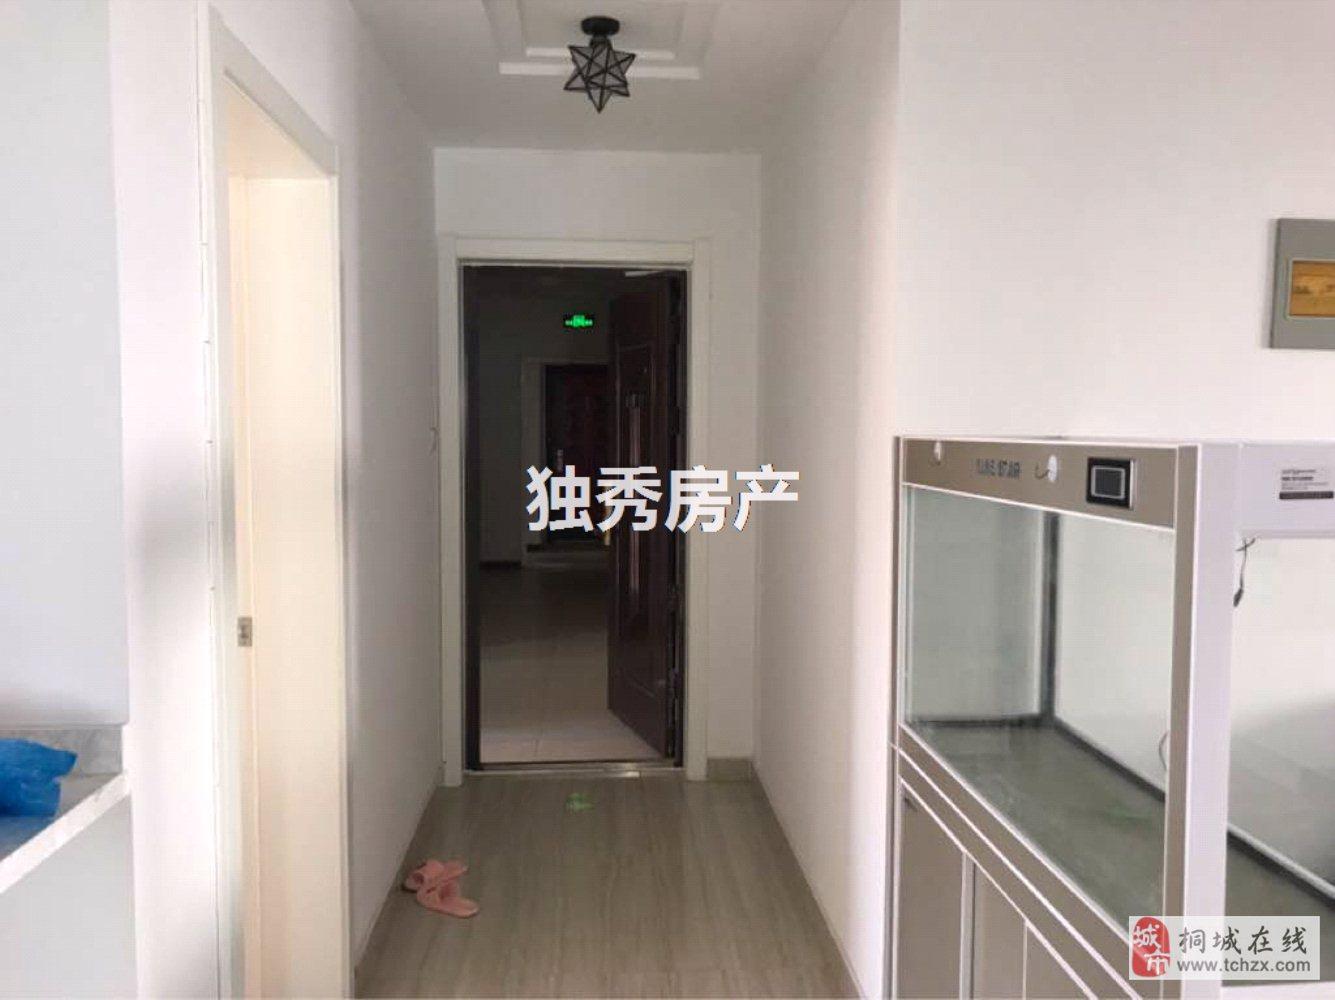 龙腾首府精装3室因房东需资金周转急售